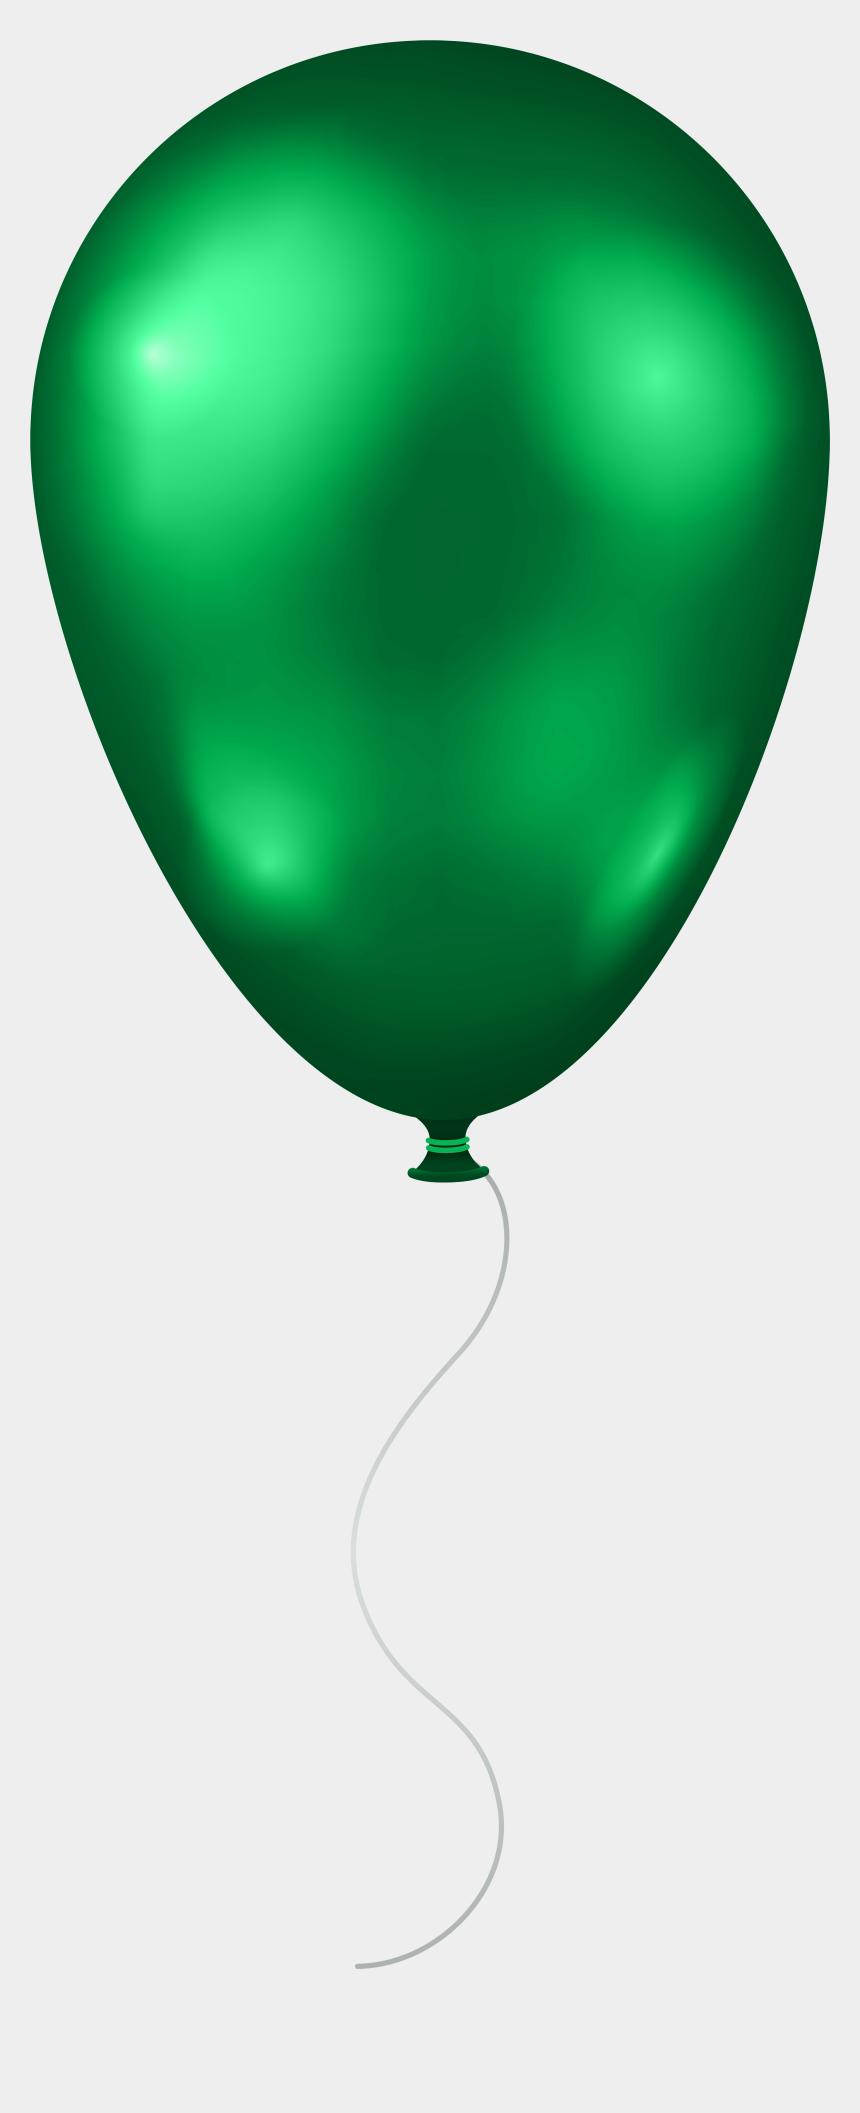 balloon clipart, Cartoons - Green Balloon Transparent Png Clip Art Imageu200b Gallery - Green Balloon Transparent Background